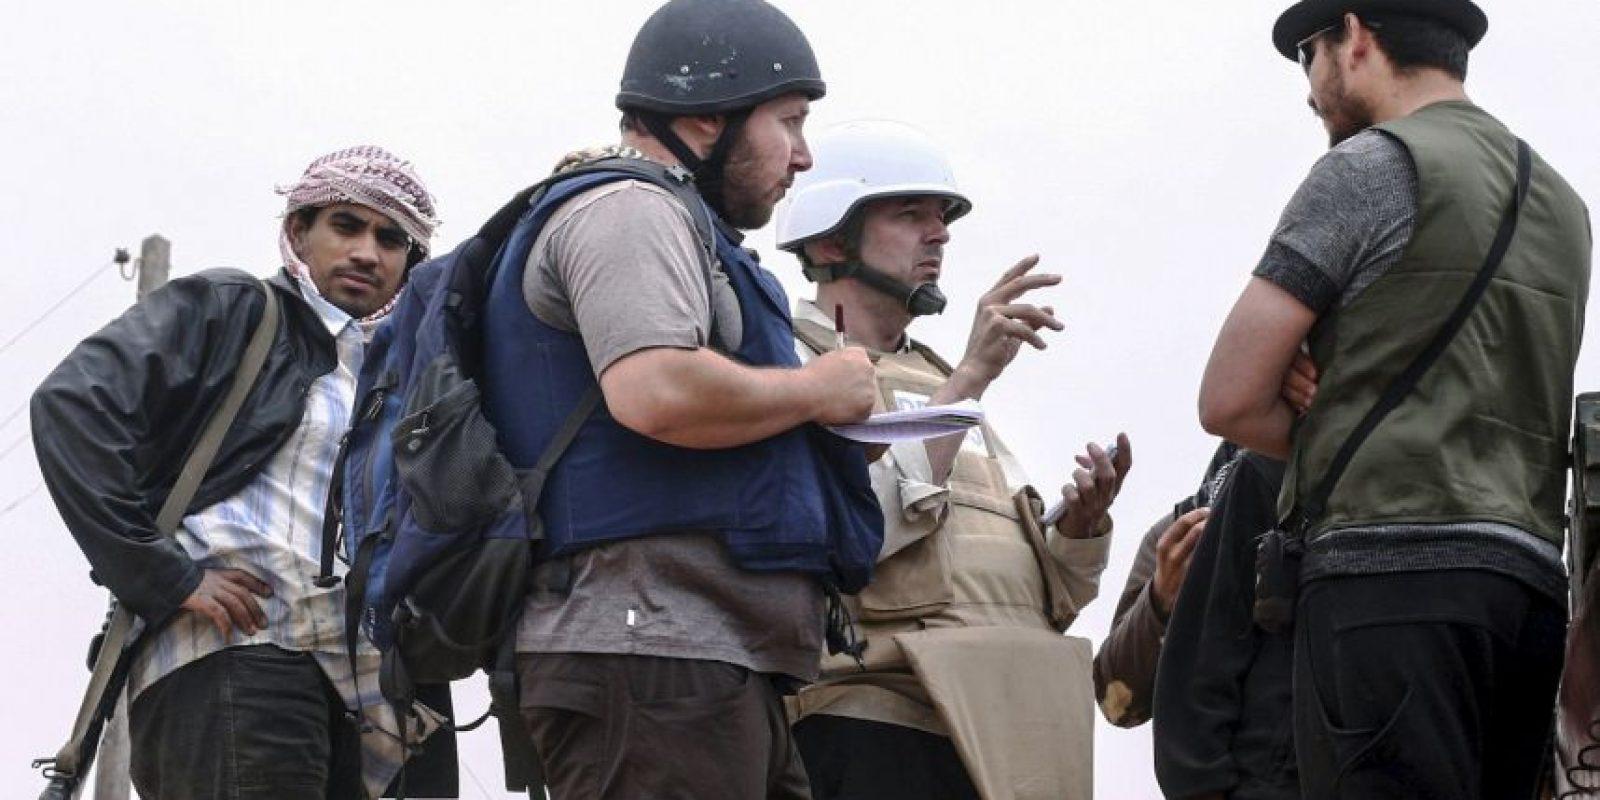 Igualmente Steven Sotloff, quien se convirtió en una de las primeras víctimas cuyos videos fueron divulgados. Foto:Getty